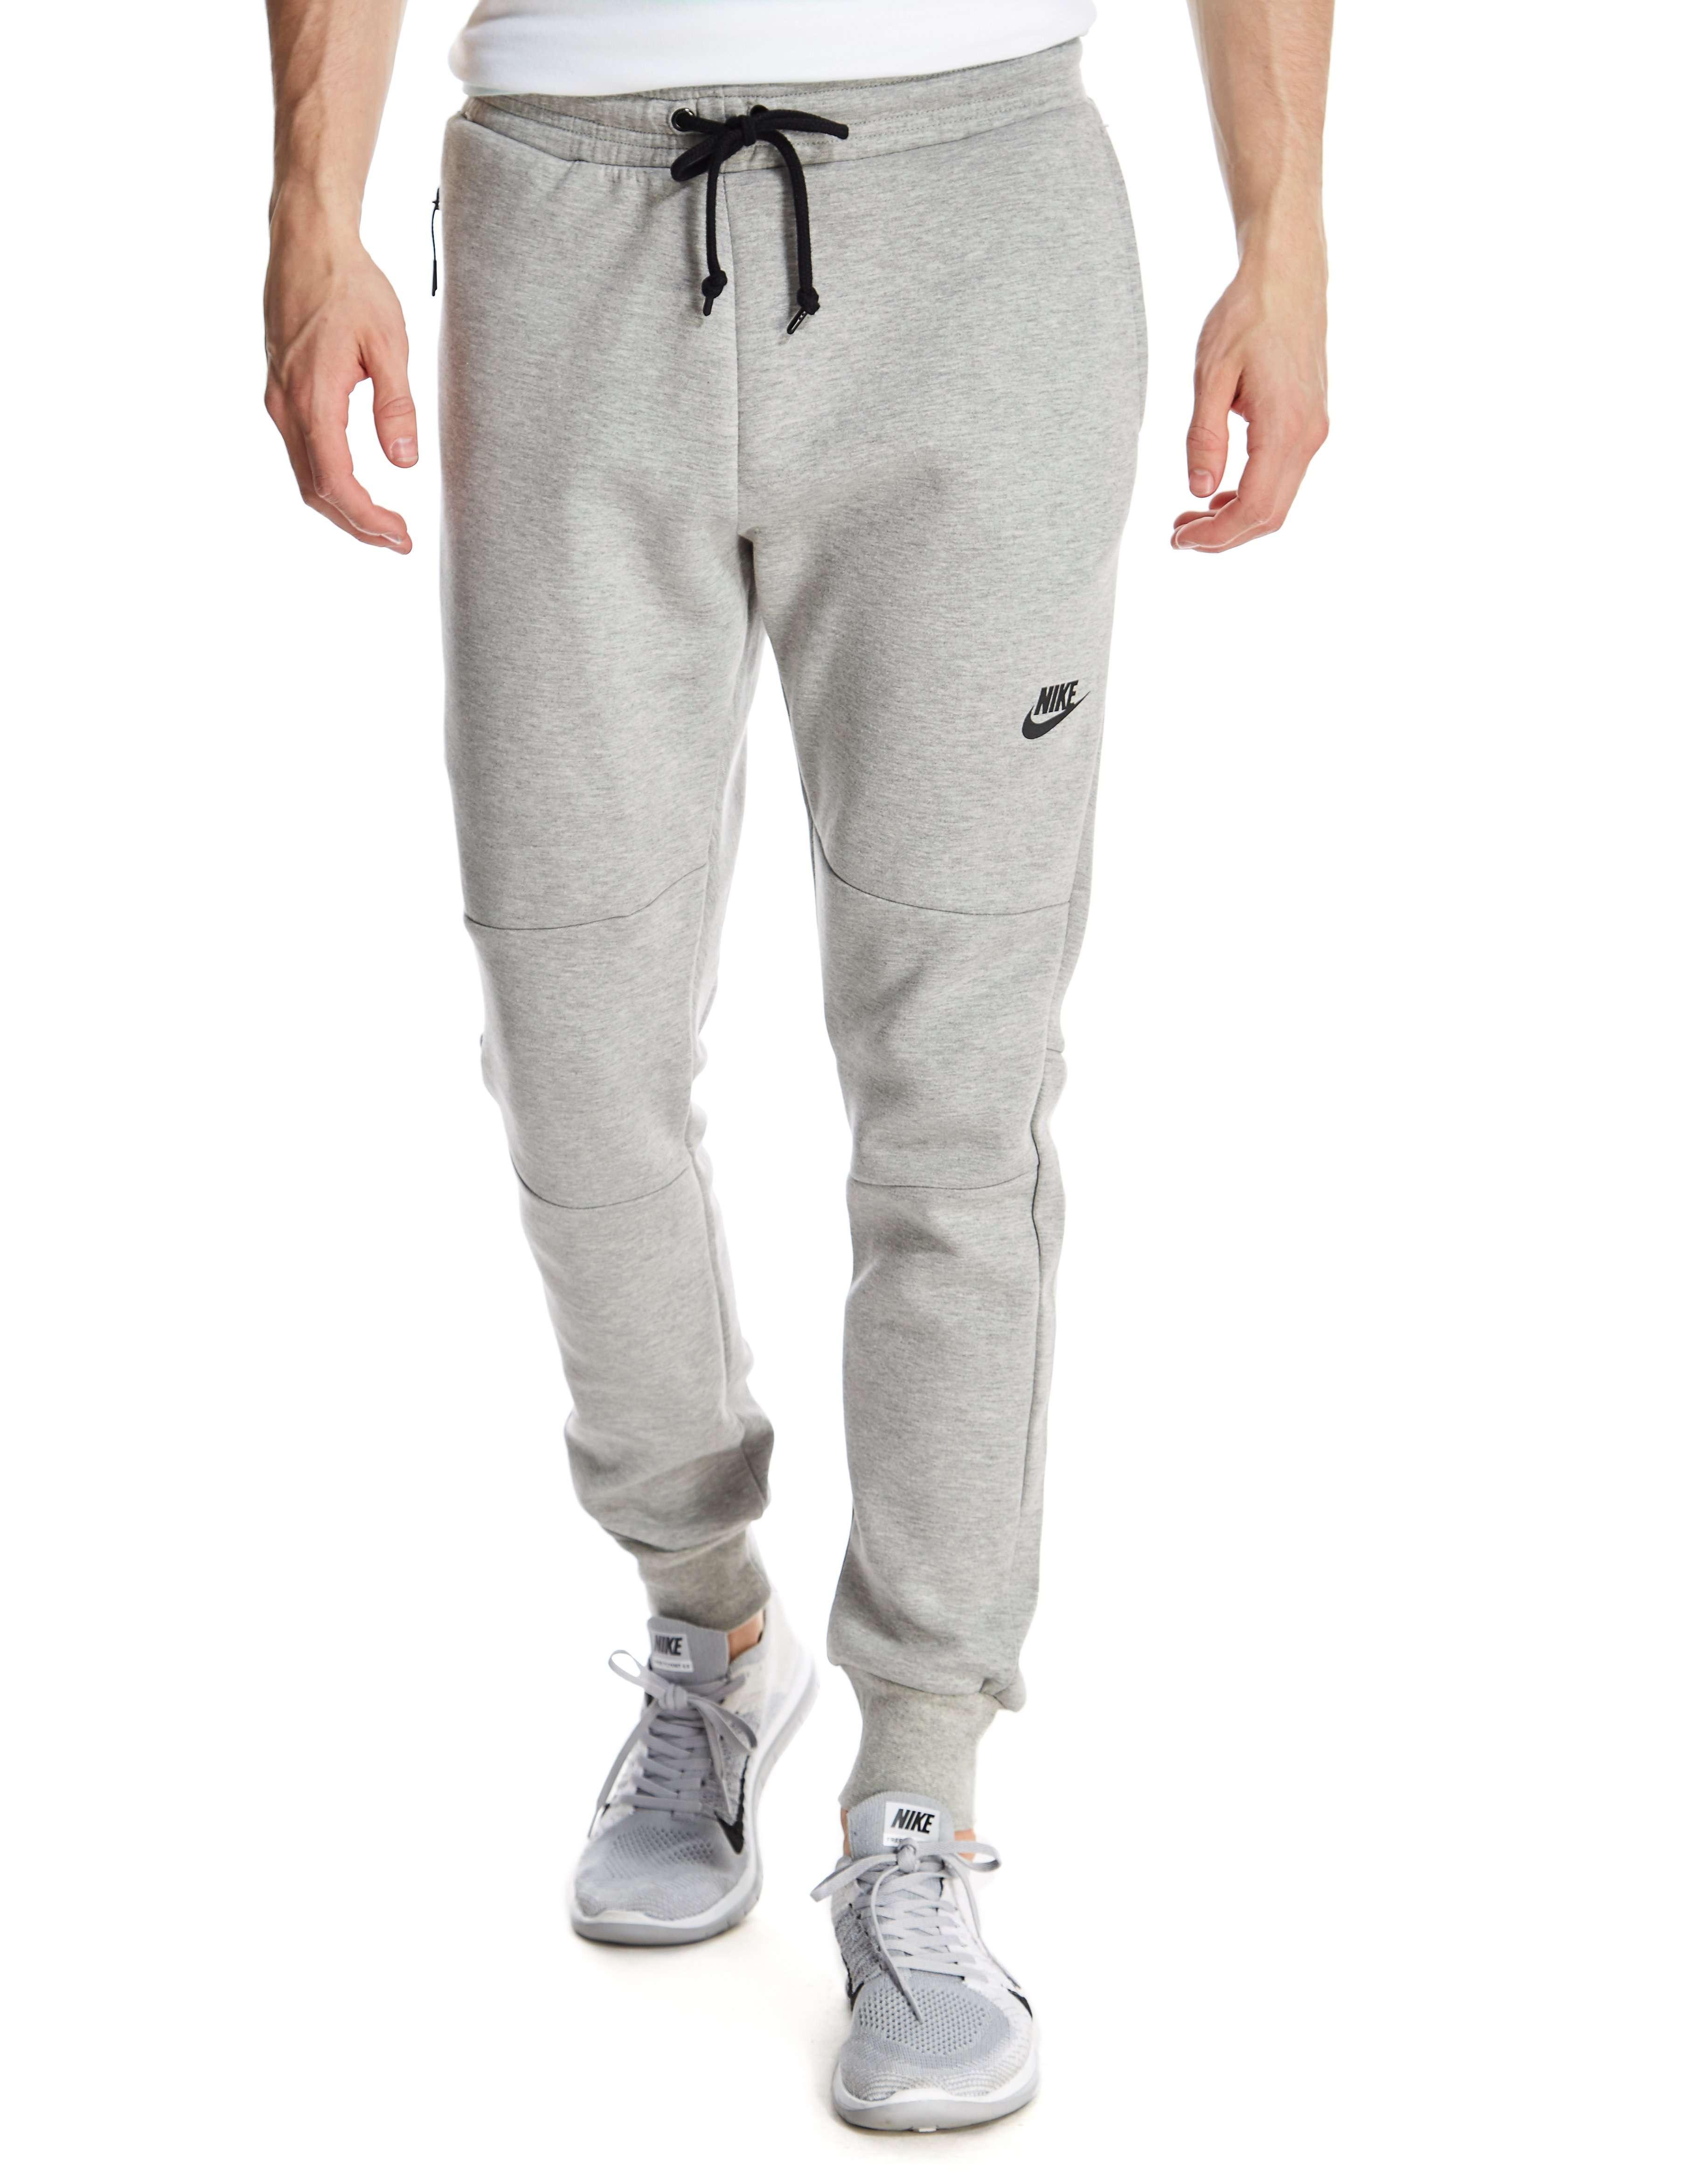 Elegant Nike Black Sportswear Tech Fleece Women S Pants 100 From Nike Buy Now